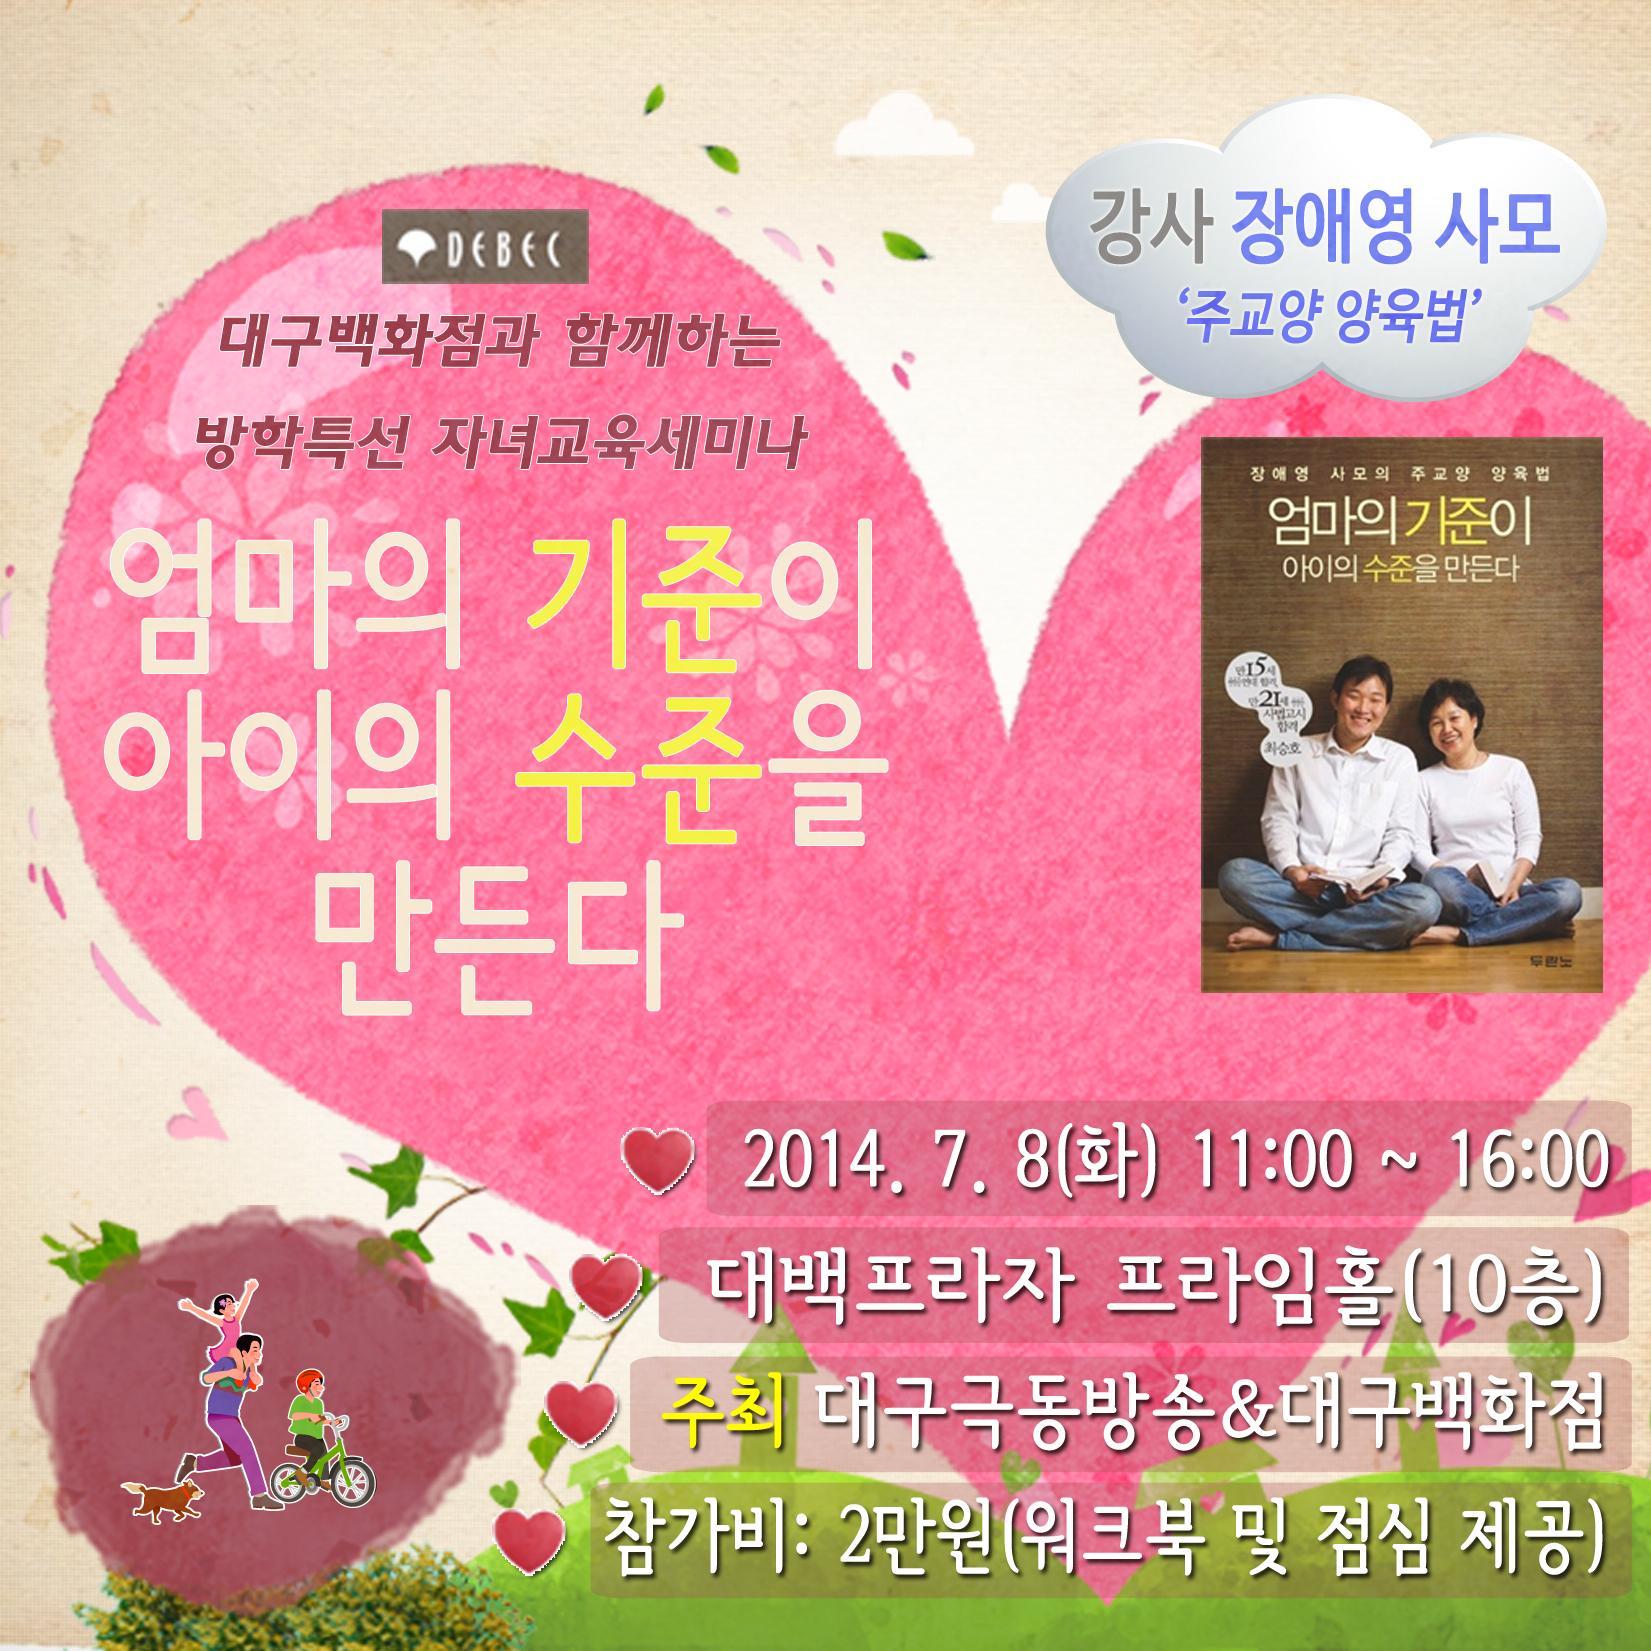 20140708(화) 장영애 사모 초청 자녀교육 세미나(게시판).jpg